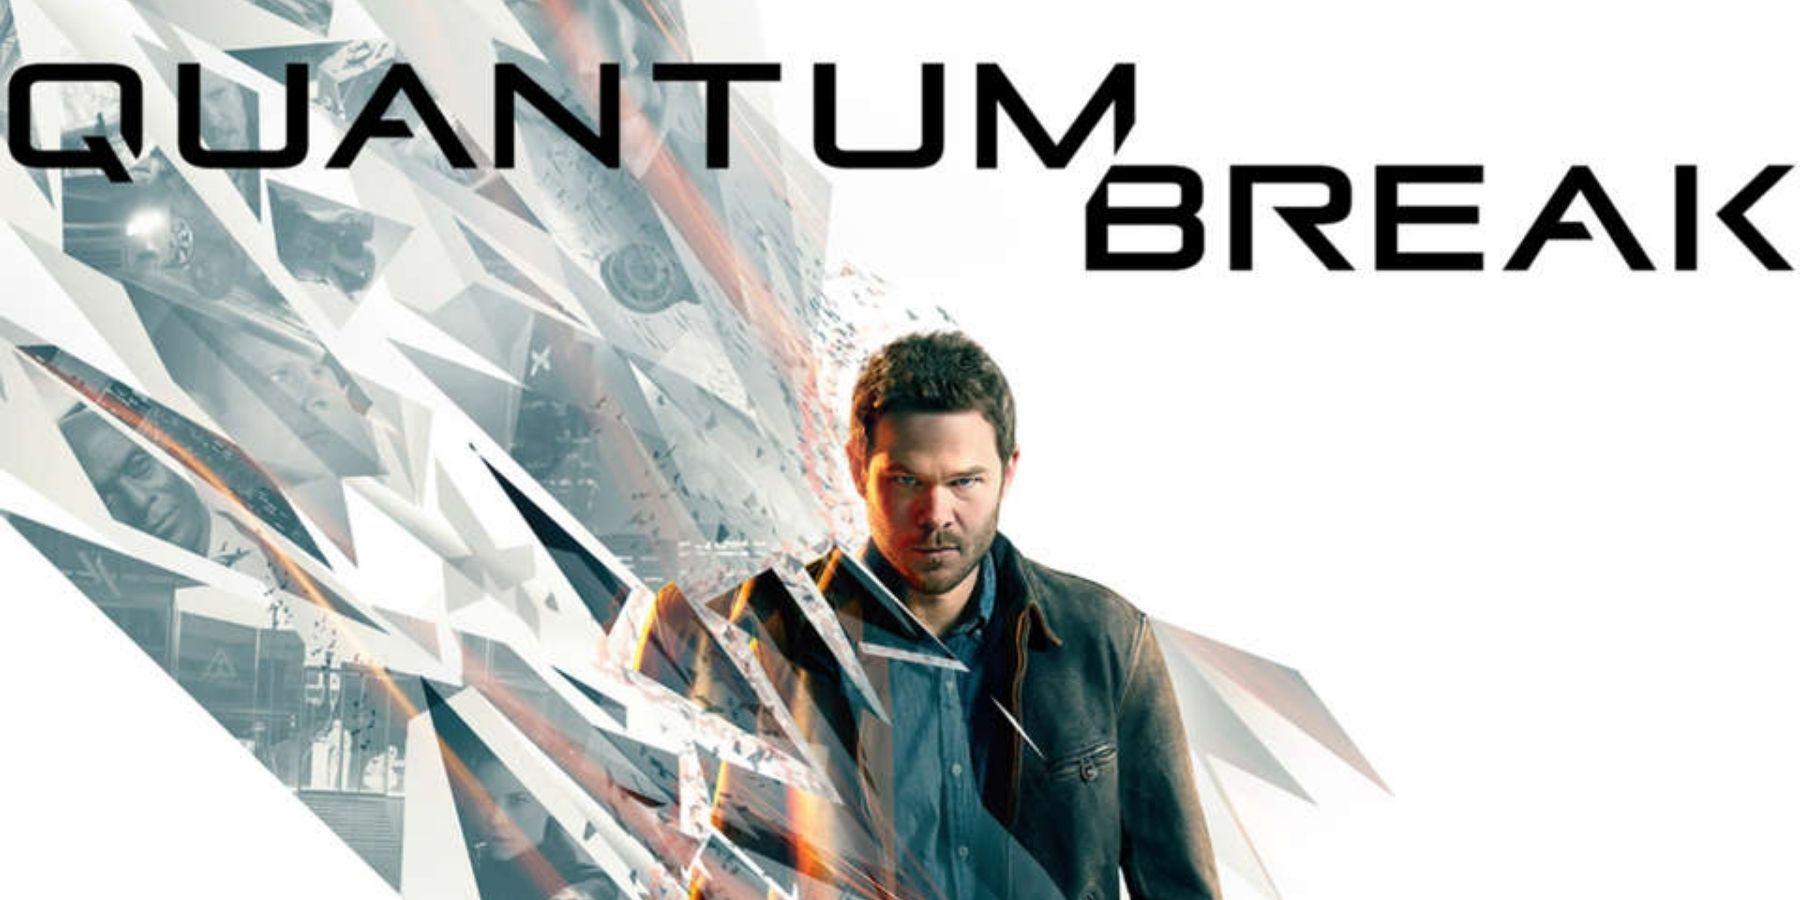 quantum break xbox one banner title